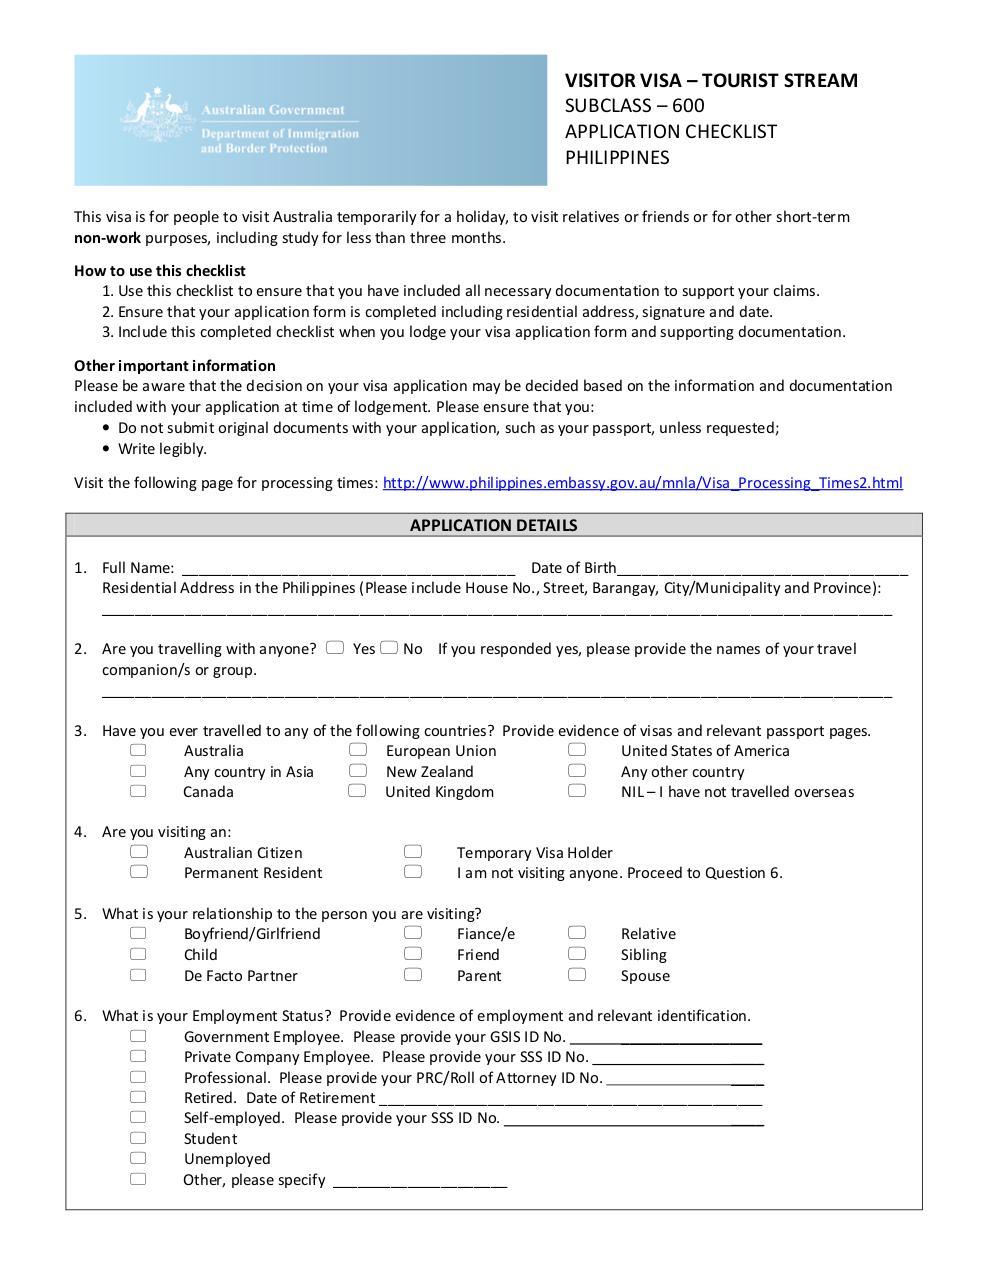 Pdf document updated 600 tourist stream checklist 24 06 for Documents checklist visa 600